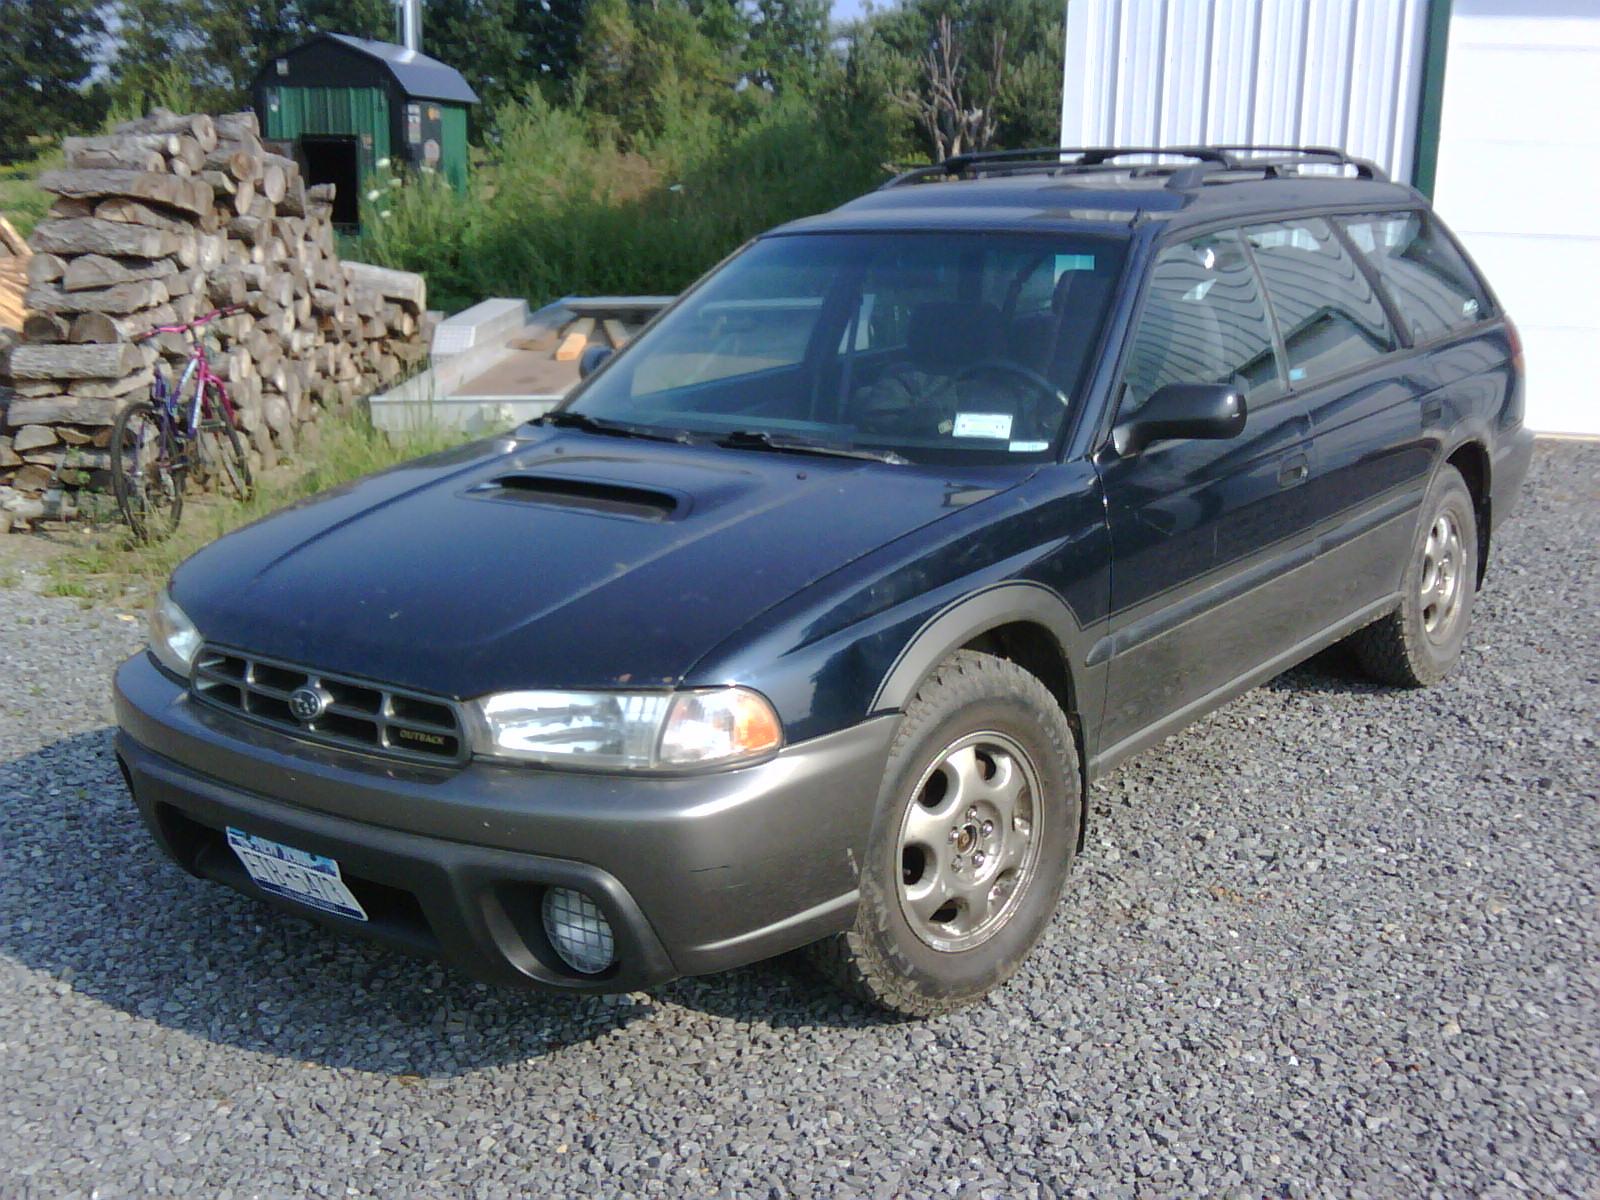 1998 Legacy OBW Build Thread - Subaru Outback - Subaru ...